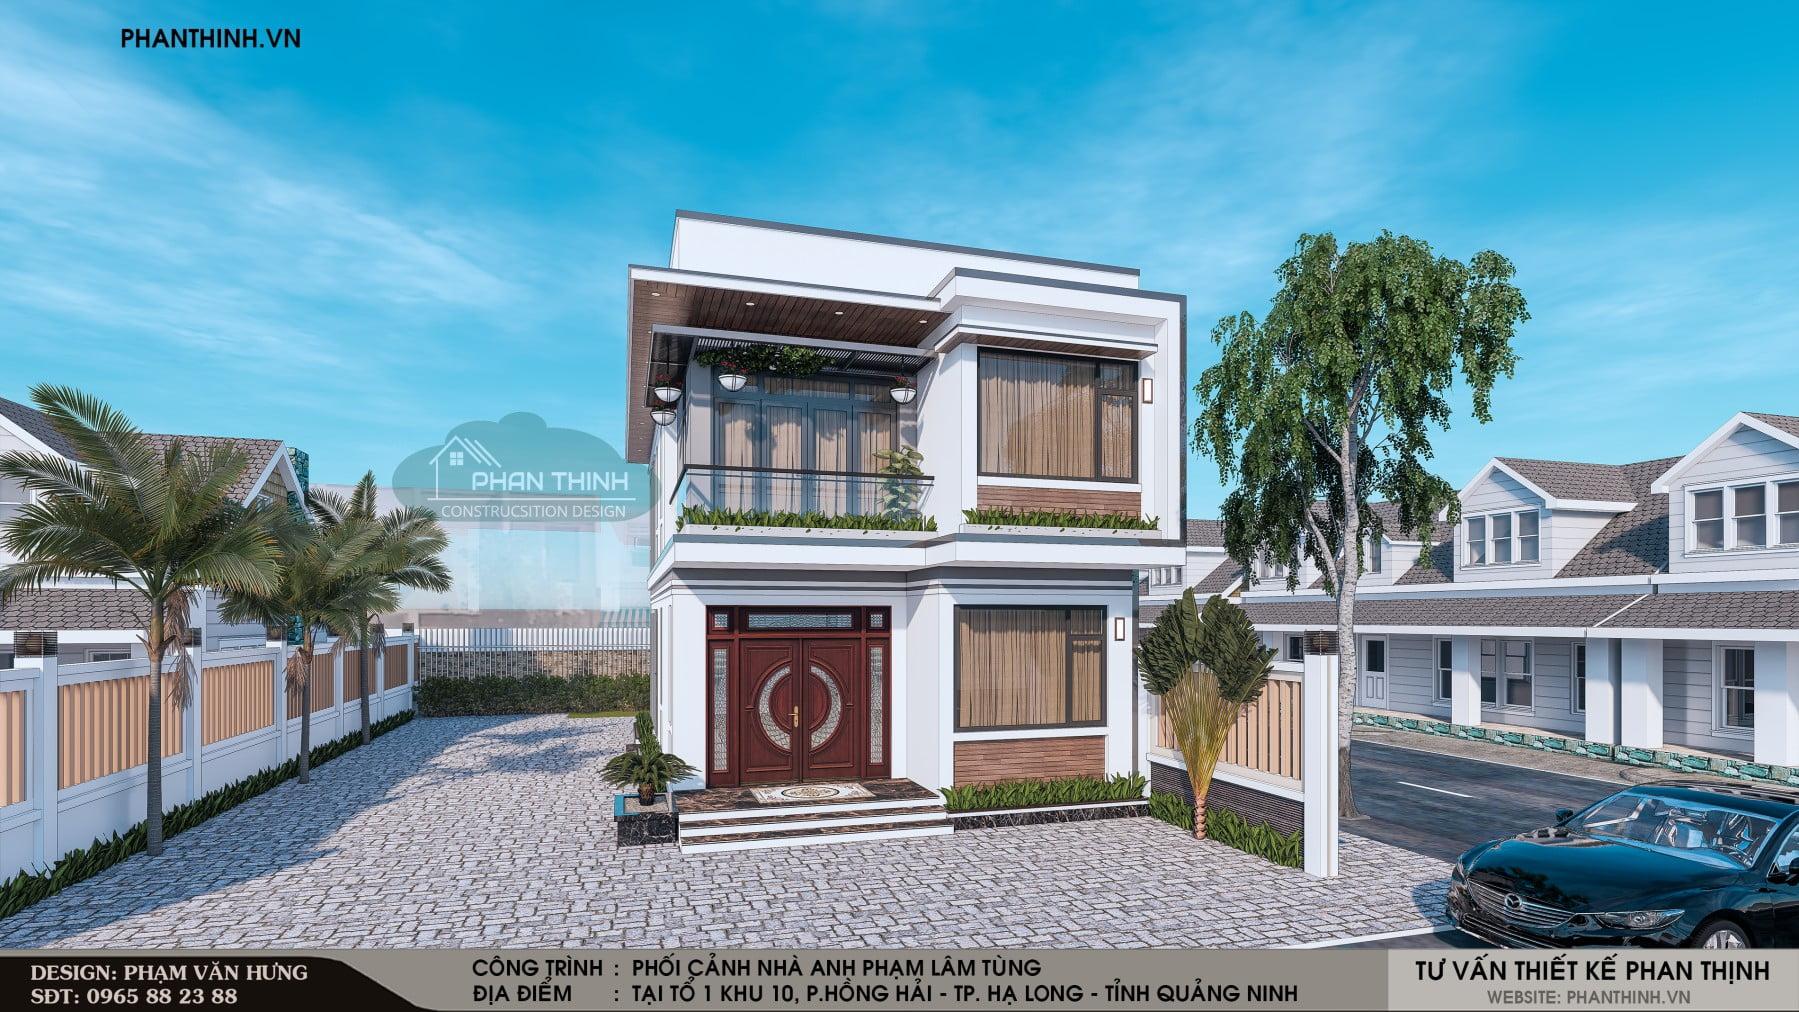 Phối cảnh căn nhà ống 2 tầng tại phường Hồng Hải thành phố Hạ Long tỉnh Quảng Ninh